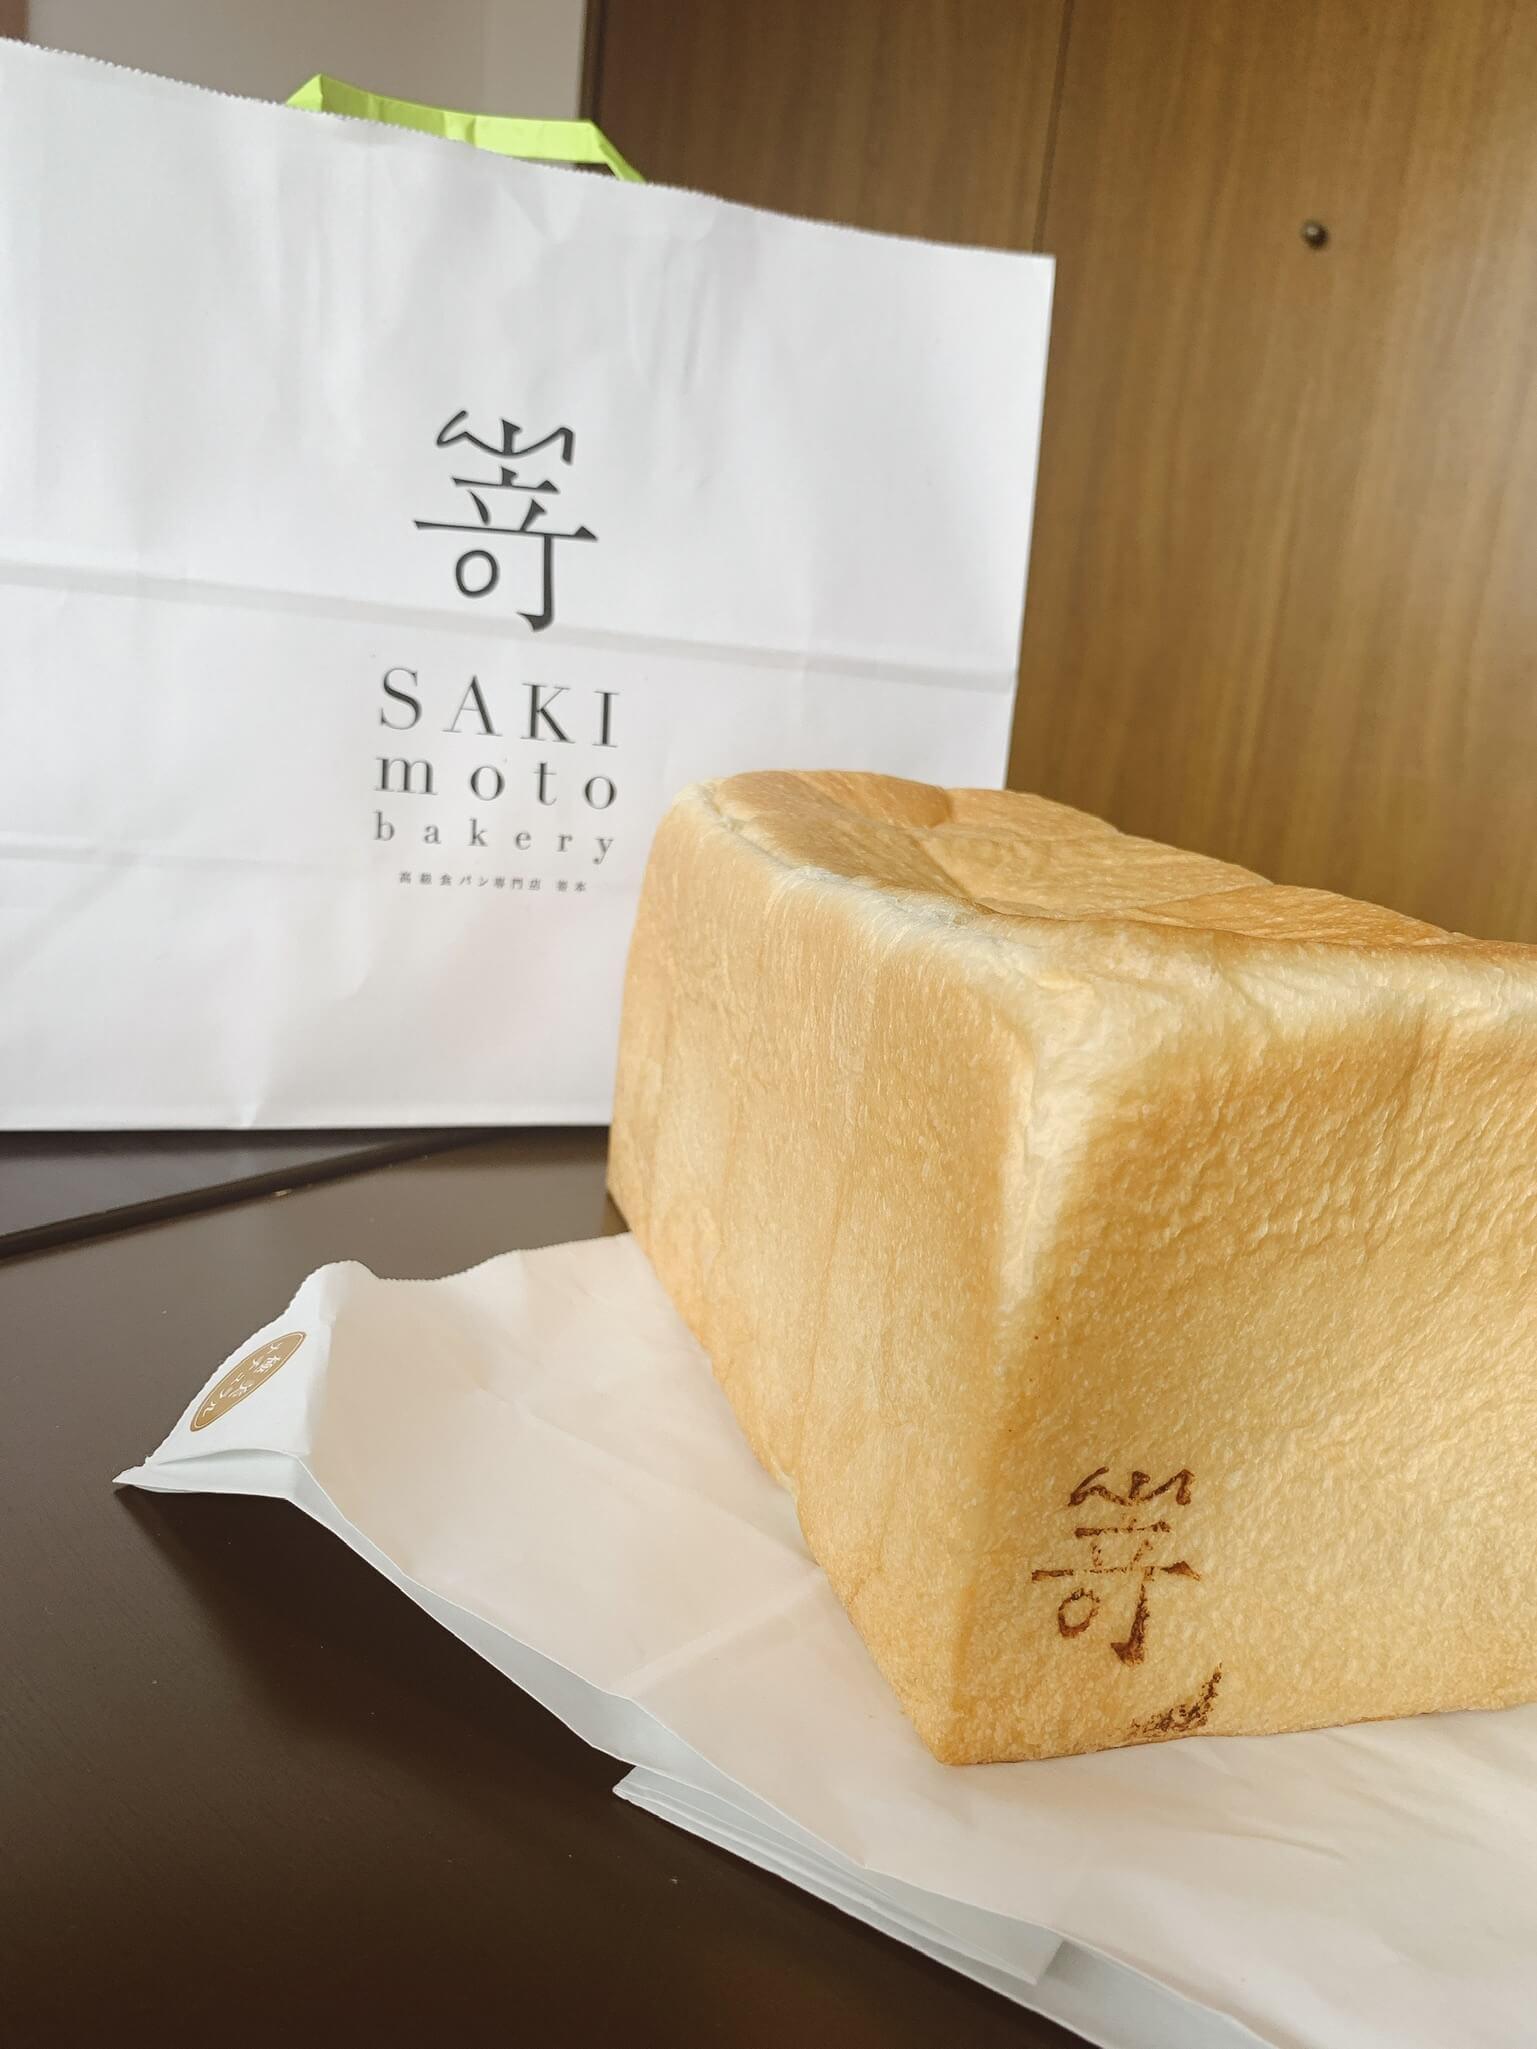 【嵜本(さきもと)】毎日食べたいヘルシーな食パンを実現!≪熊本県菊池郡菊陽町光の森≫